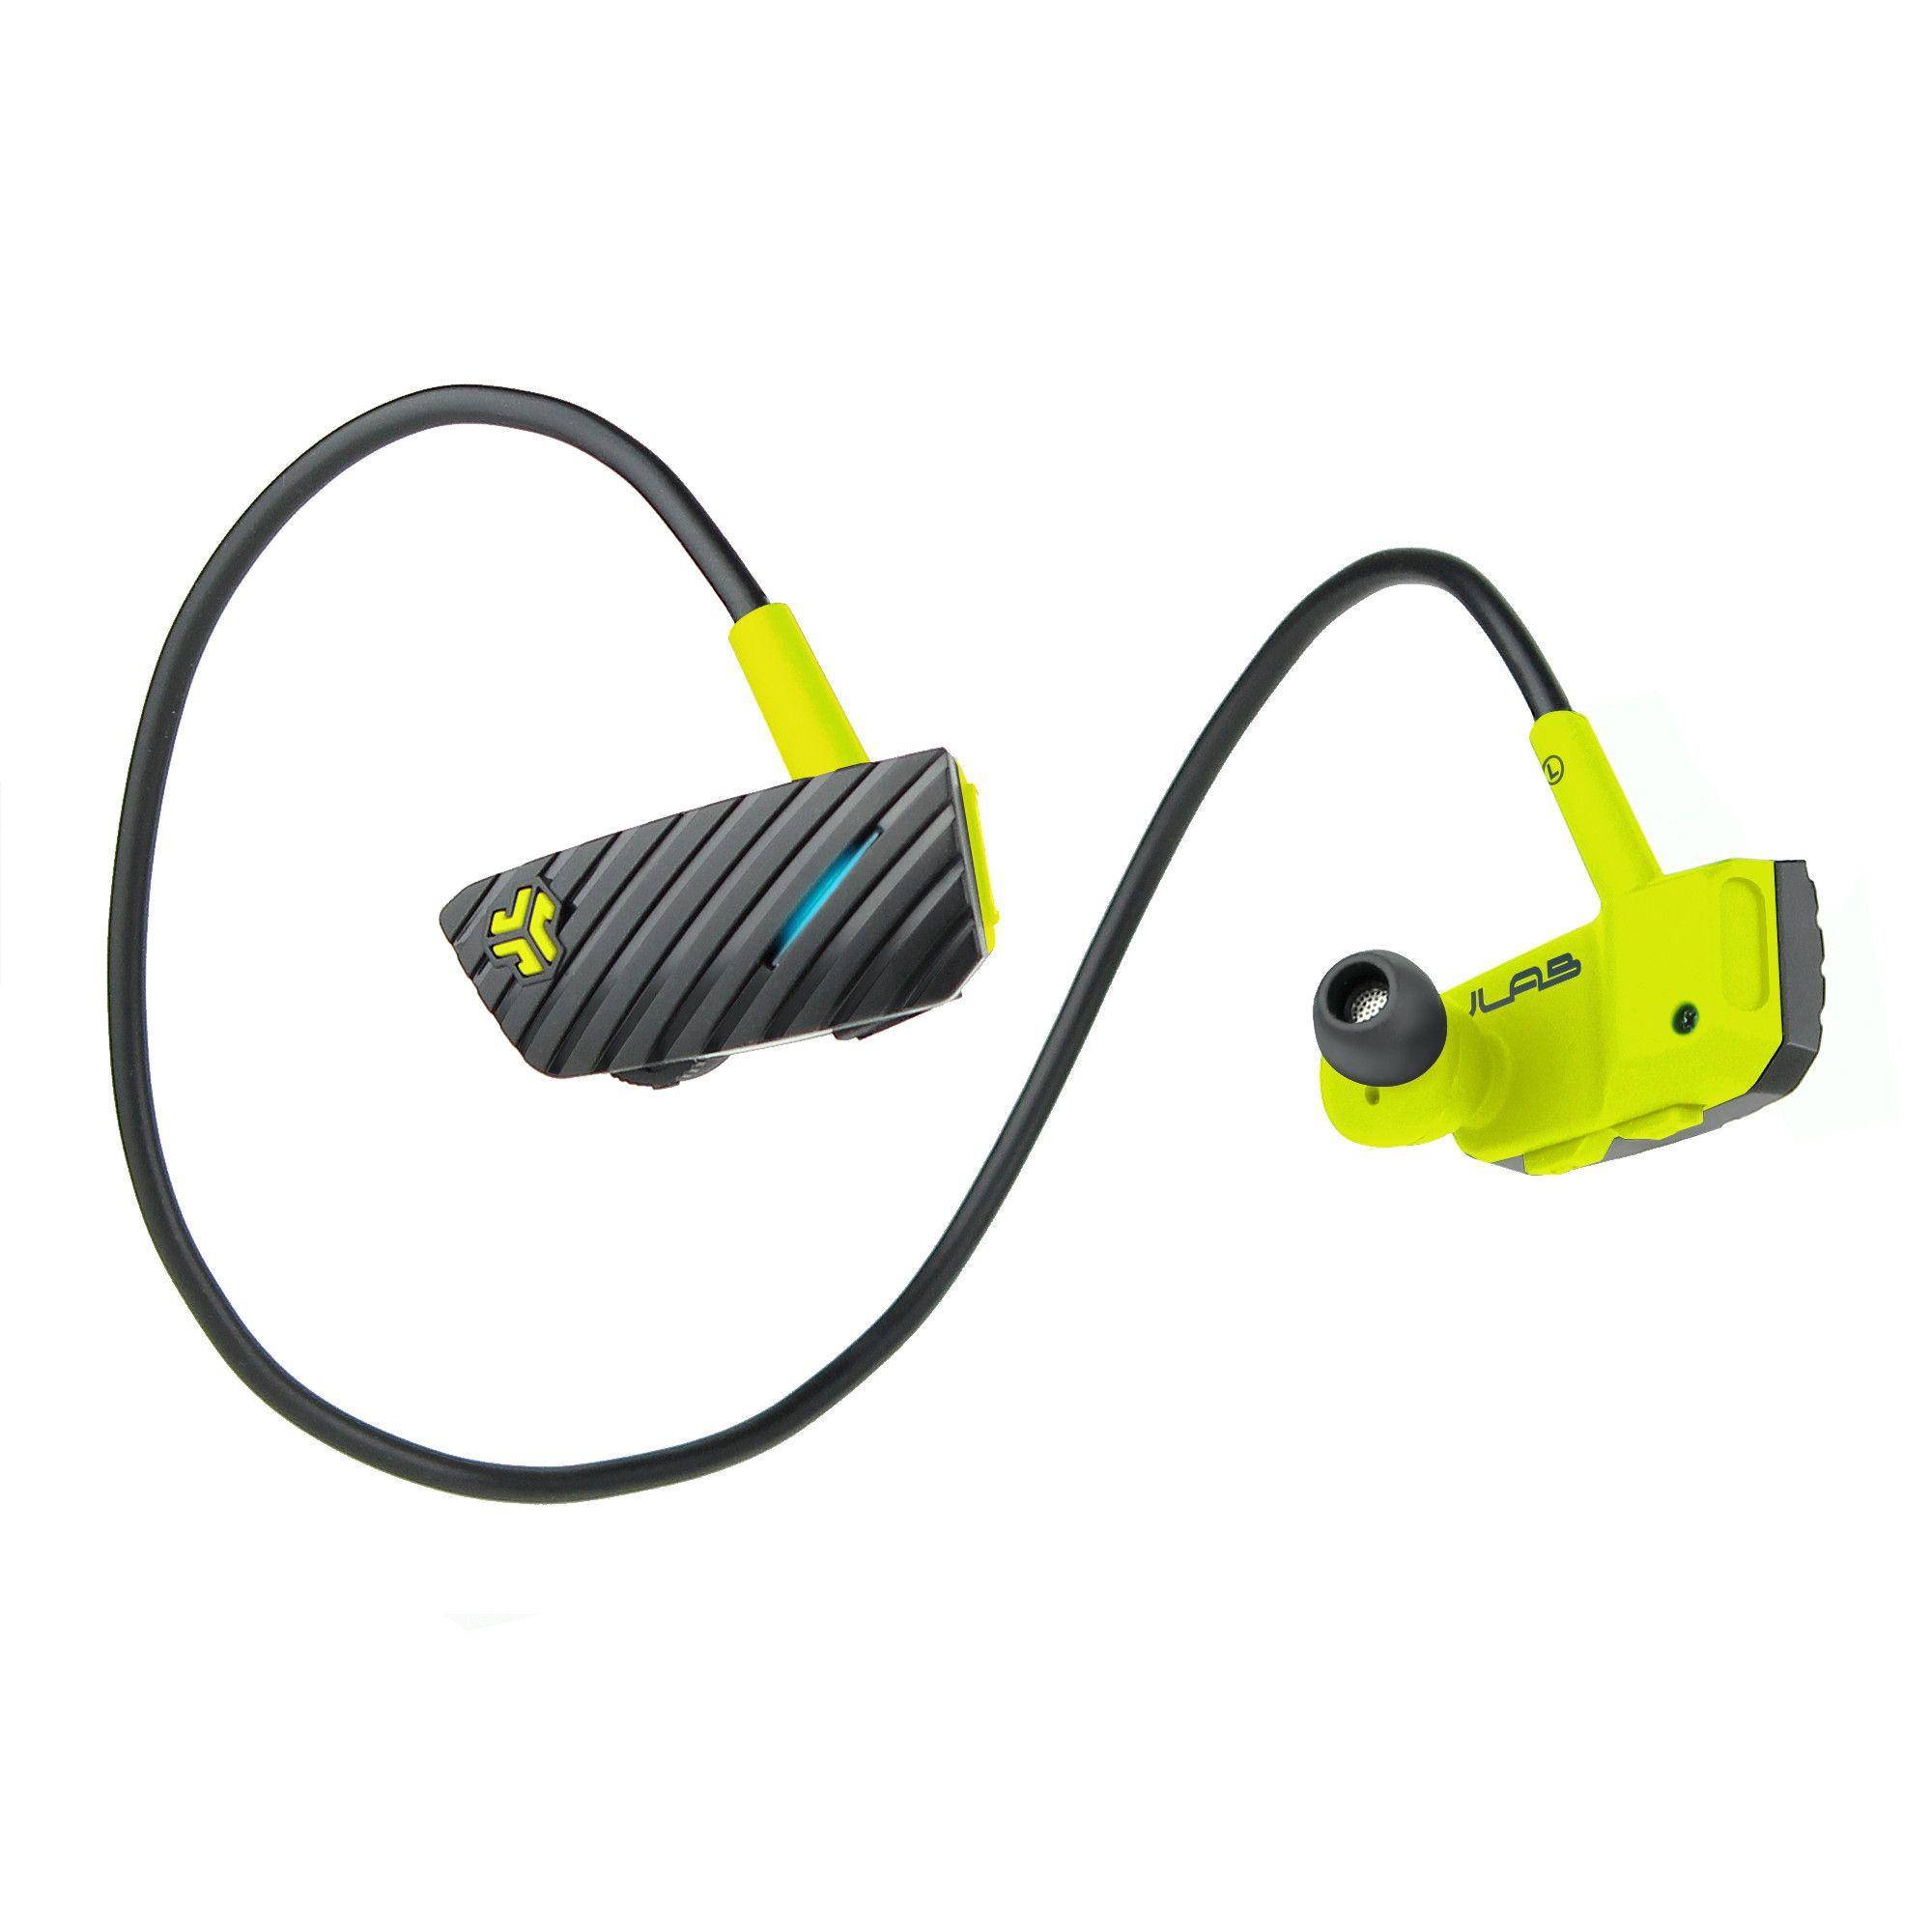 Black / Yellow GO Wireless Bluetooth Earbuds JLab